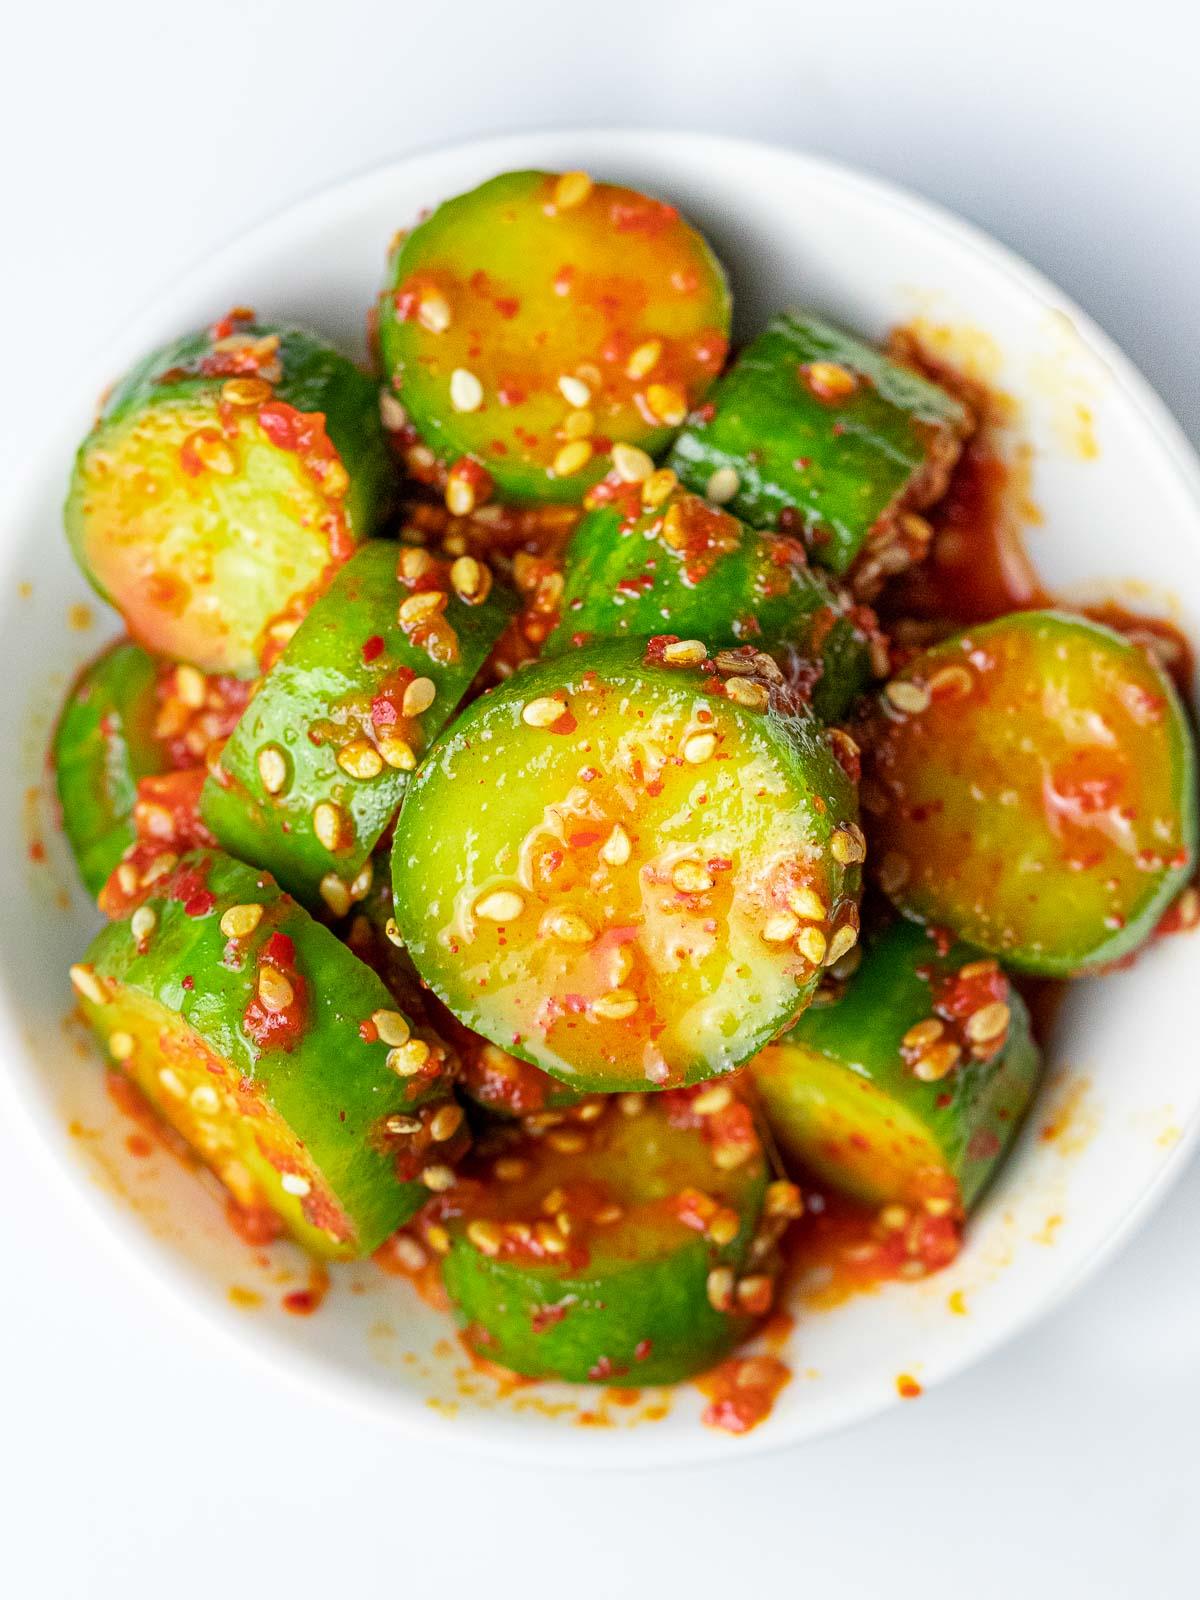 spicy Korean cucumber salad (Oi Muchim) on a white plate